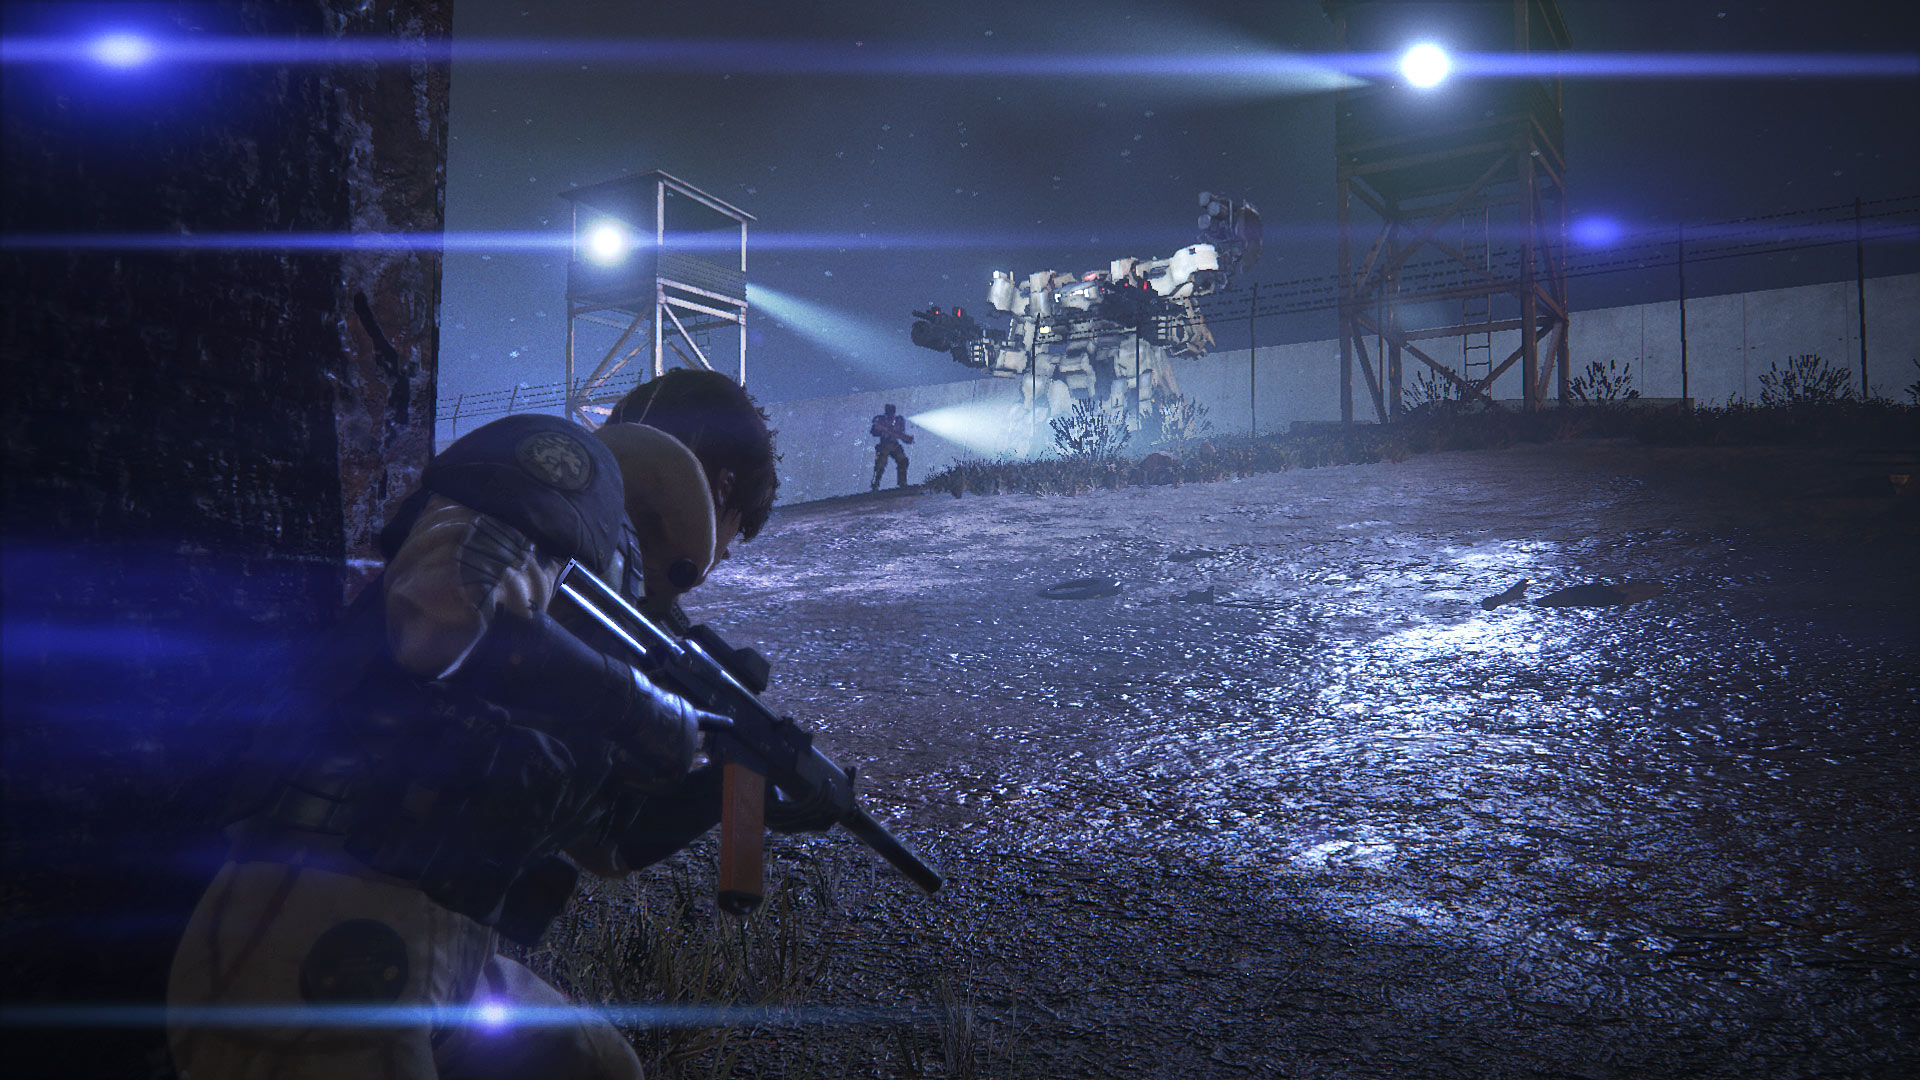 کارگردان Left Alive خبر از انتشار اطلاعات جدیدی از این بازی داد